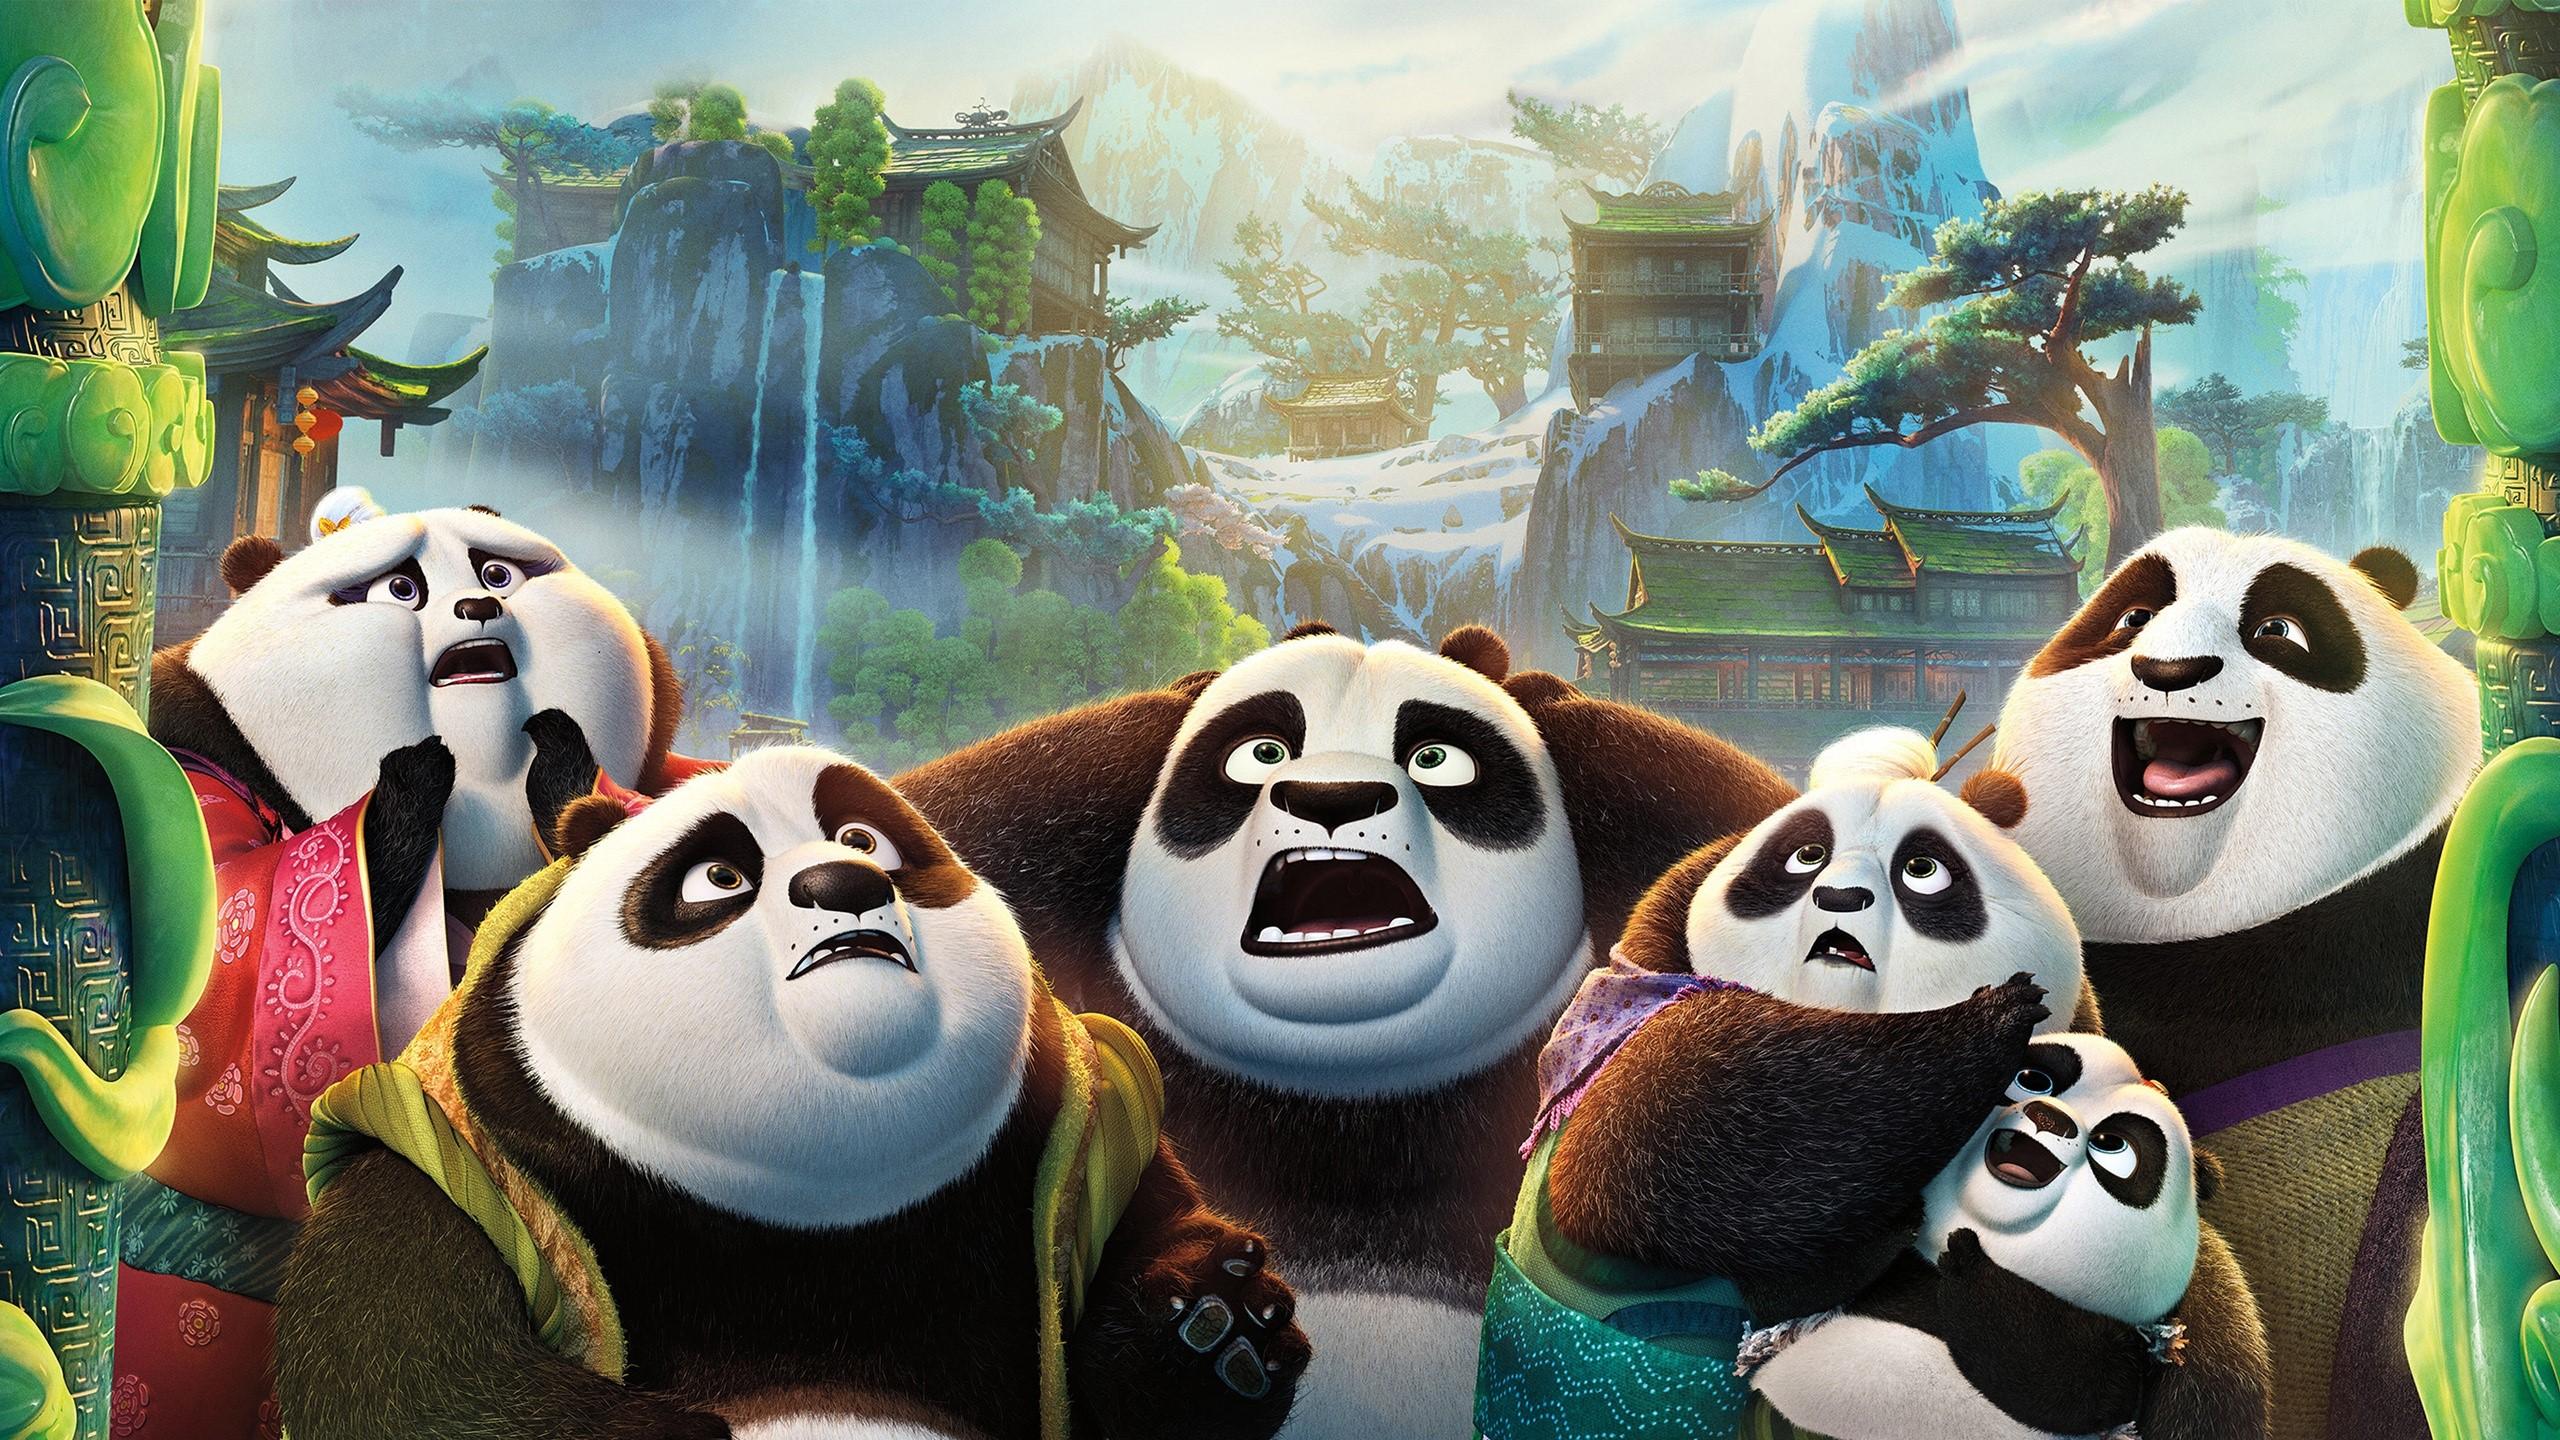 Fondo de pantalla de La familia de Po en Kung Fu panda Imágenes